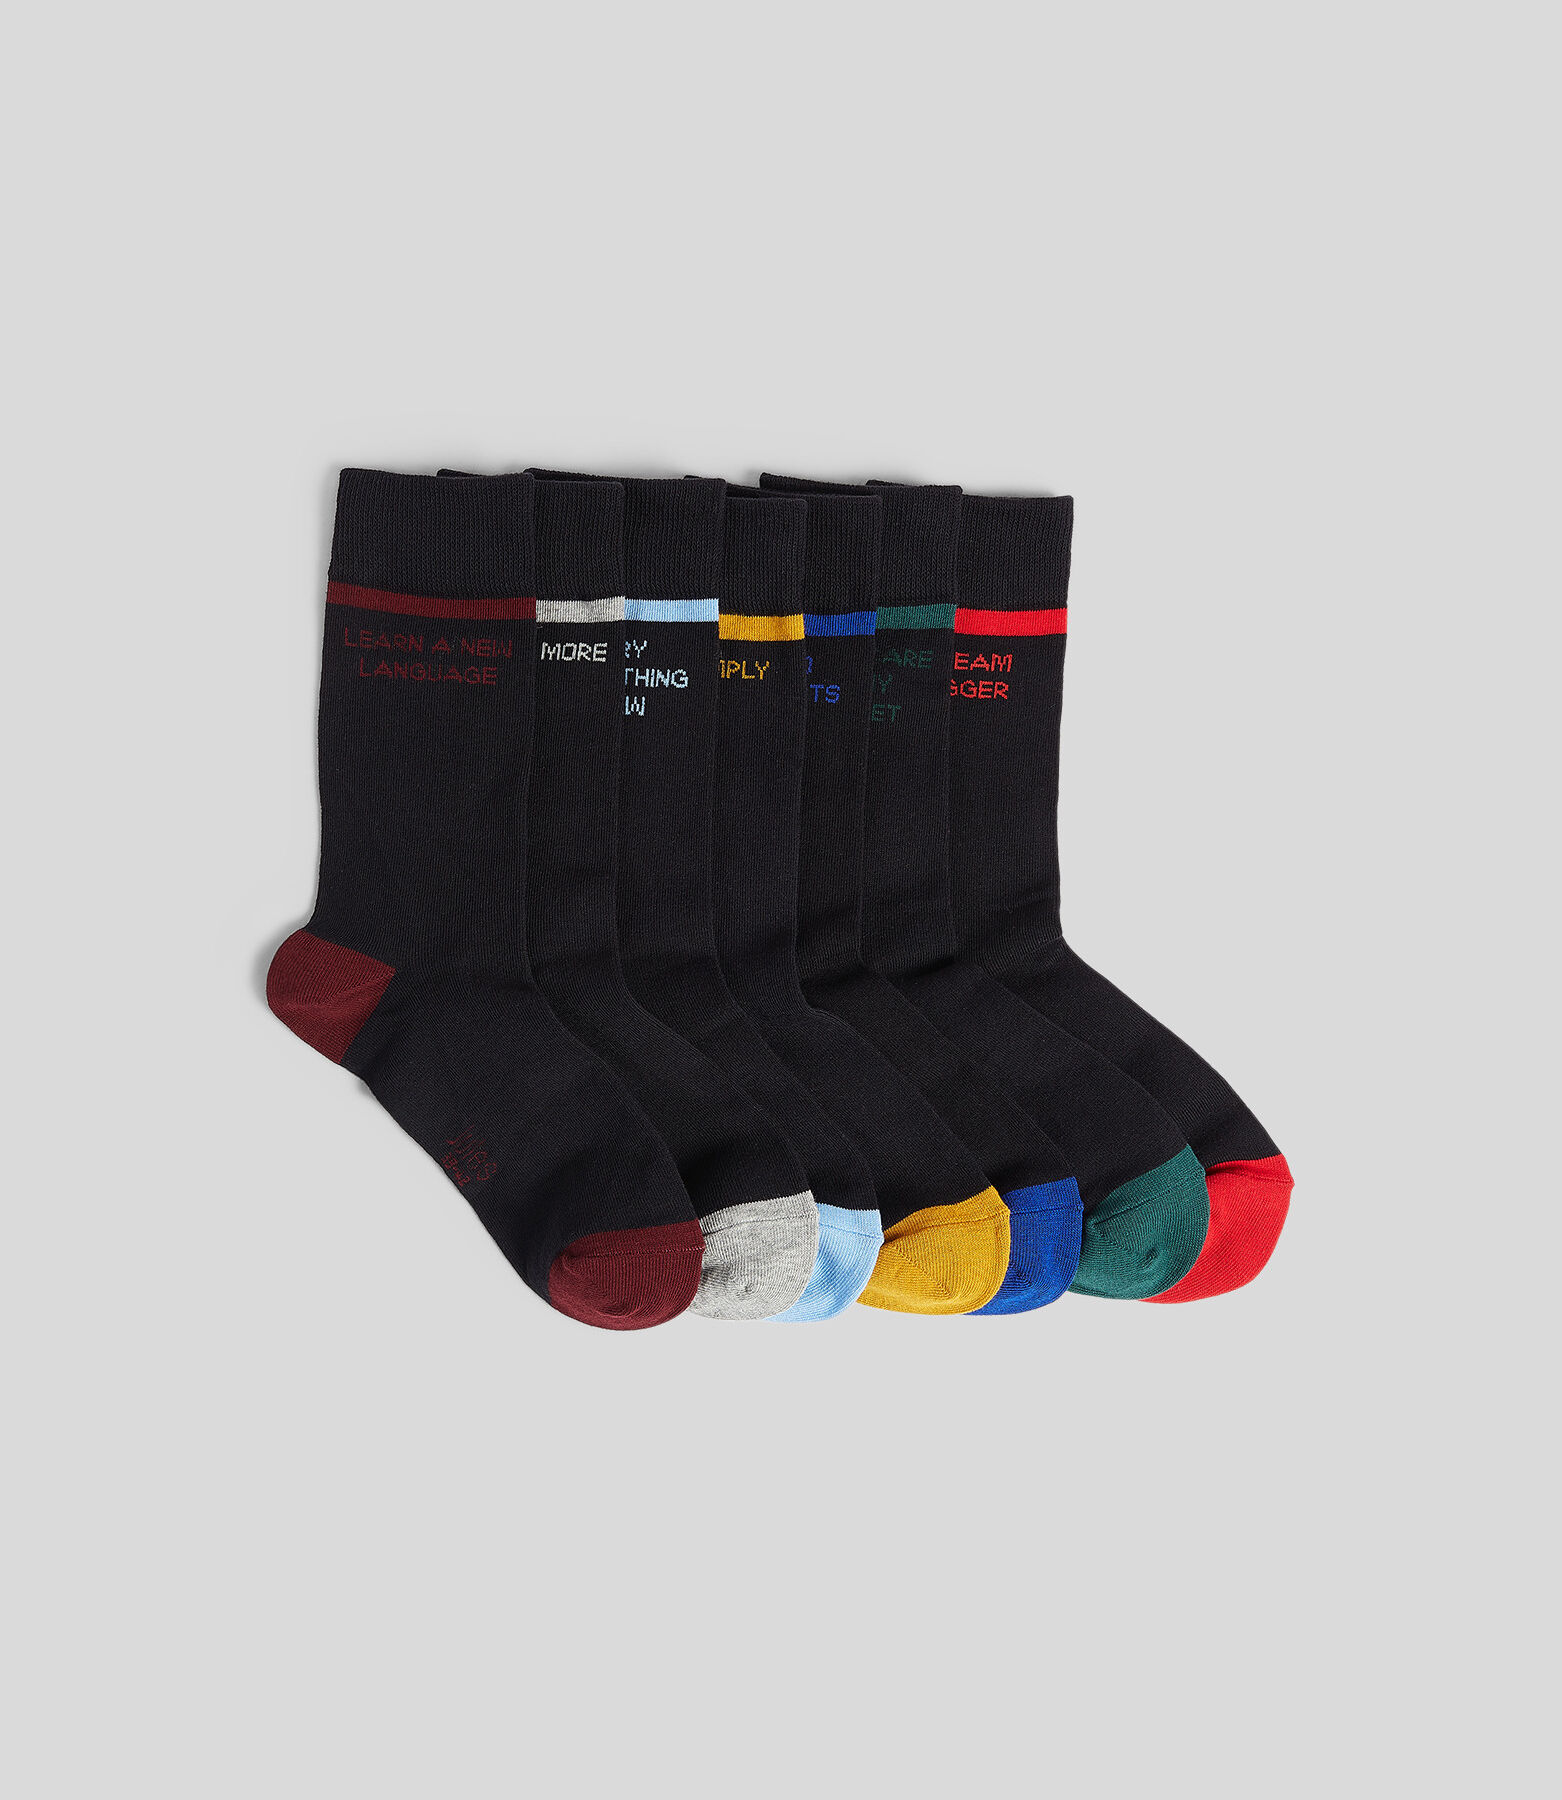 Box met 7 paar sokken